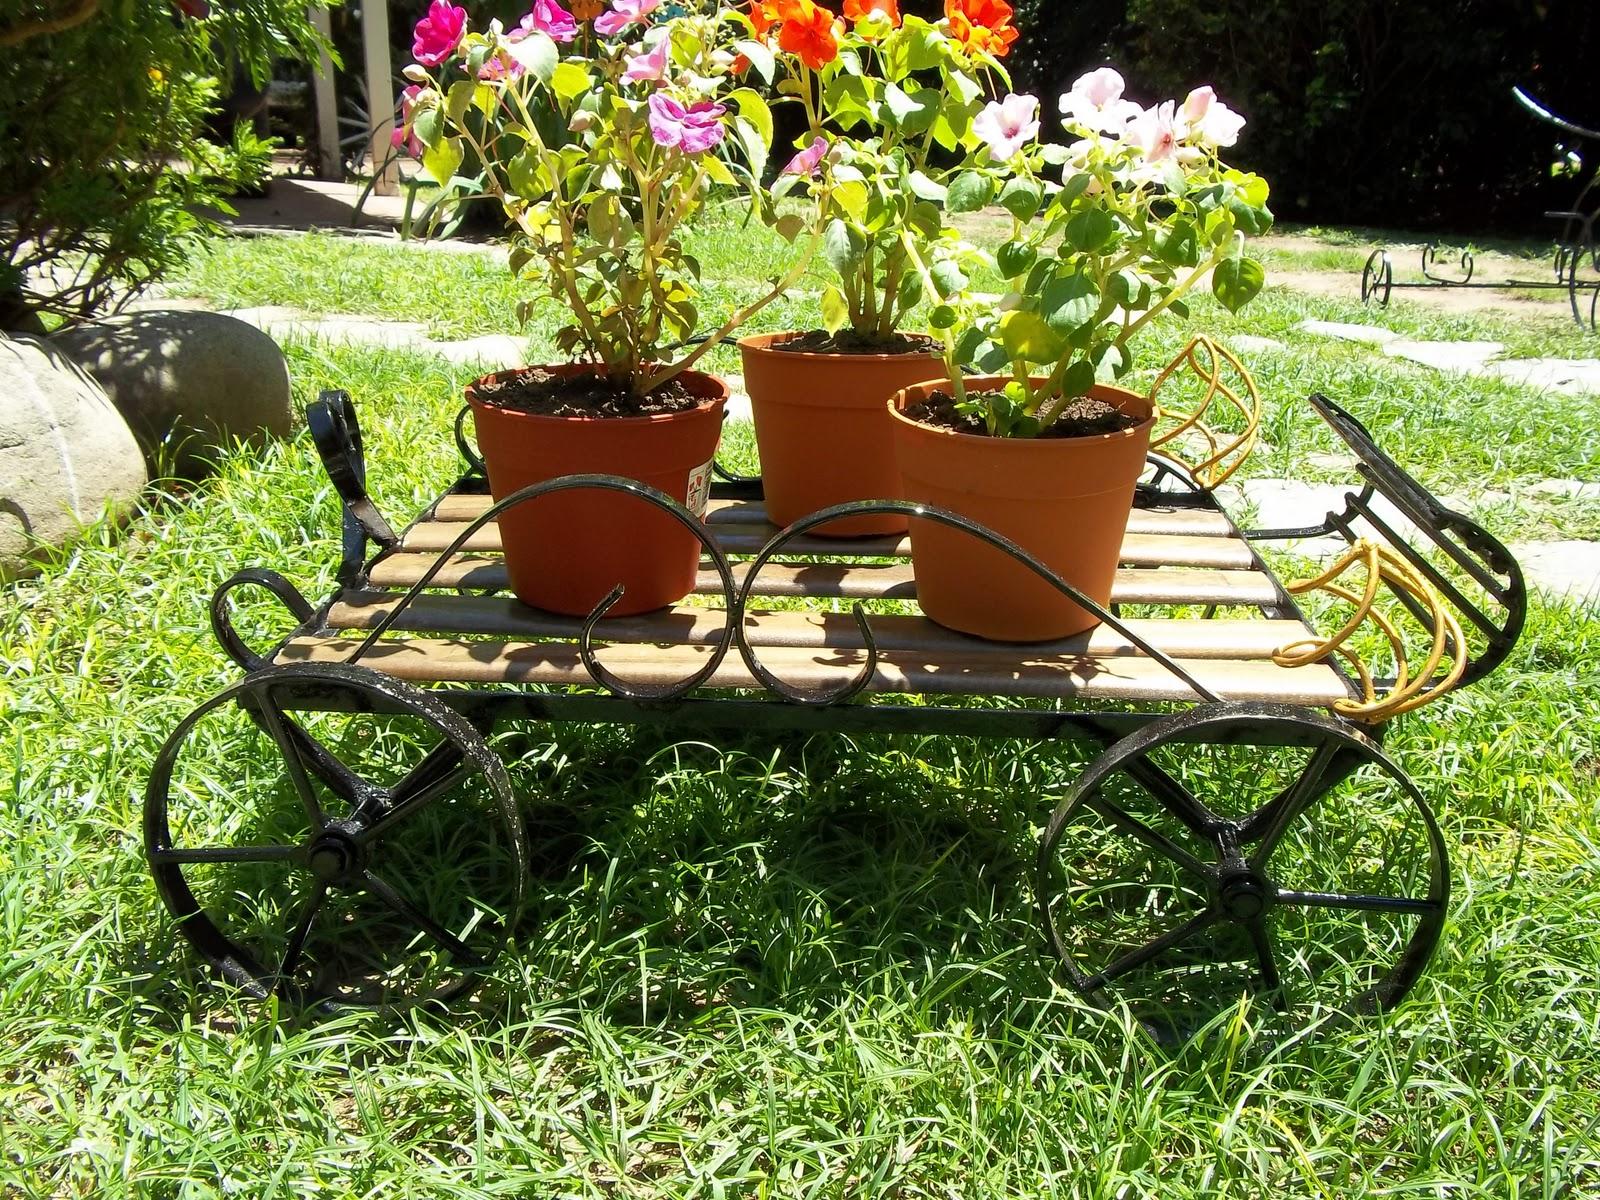 Herreria artistica articulos de jardin - Cosas para el jardin ...